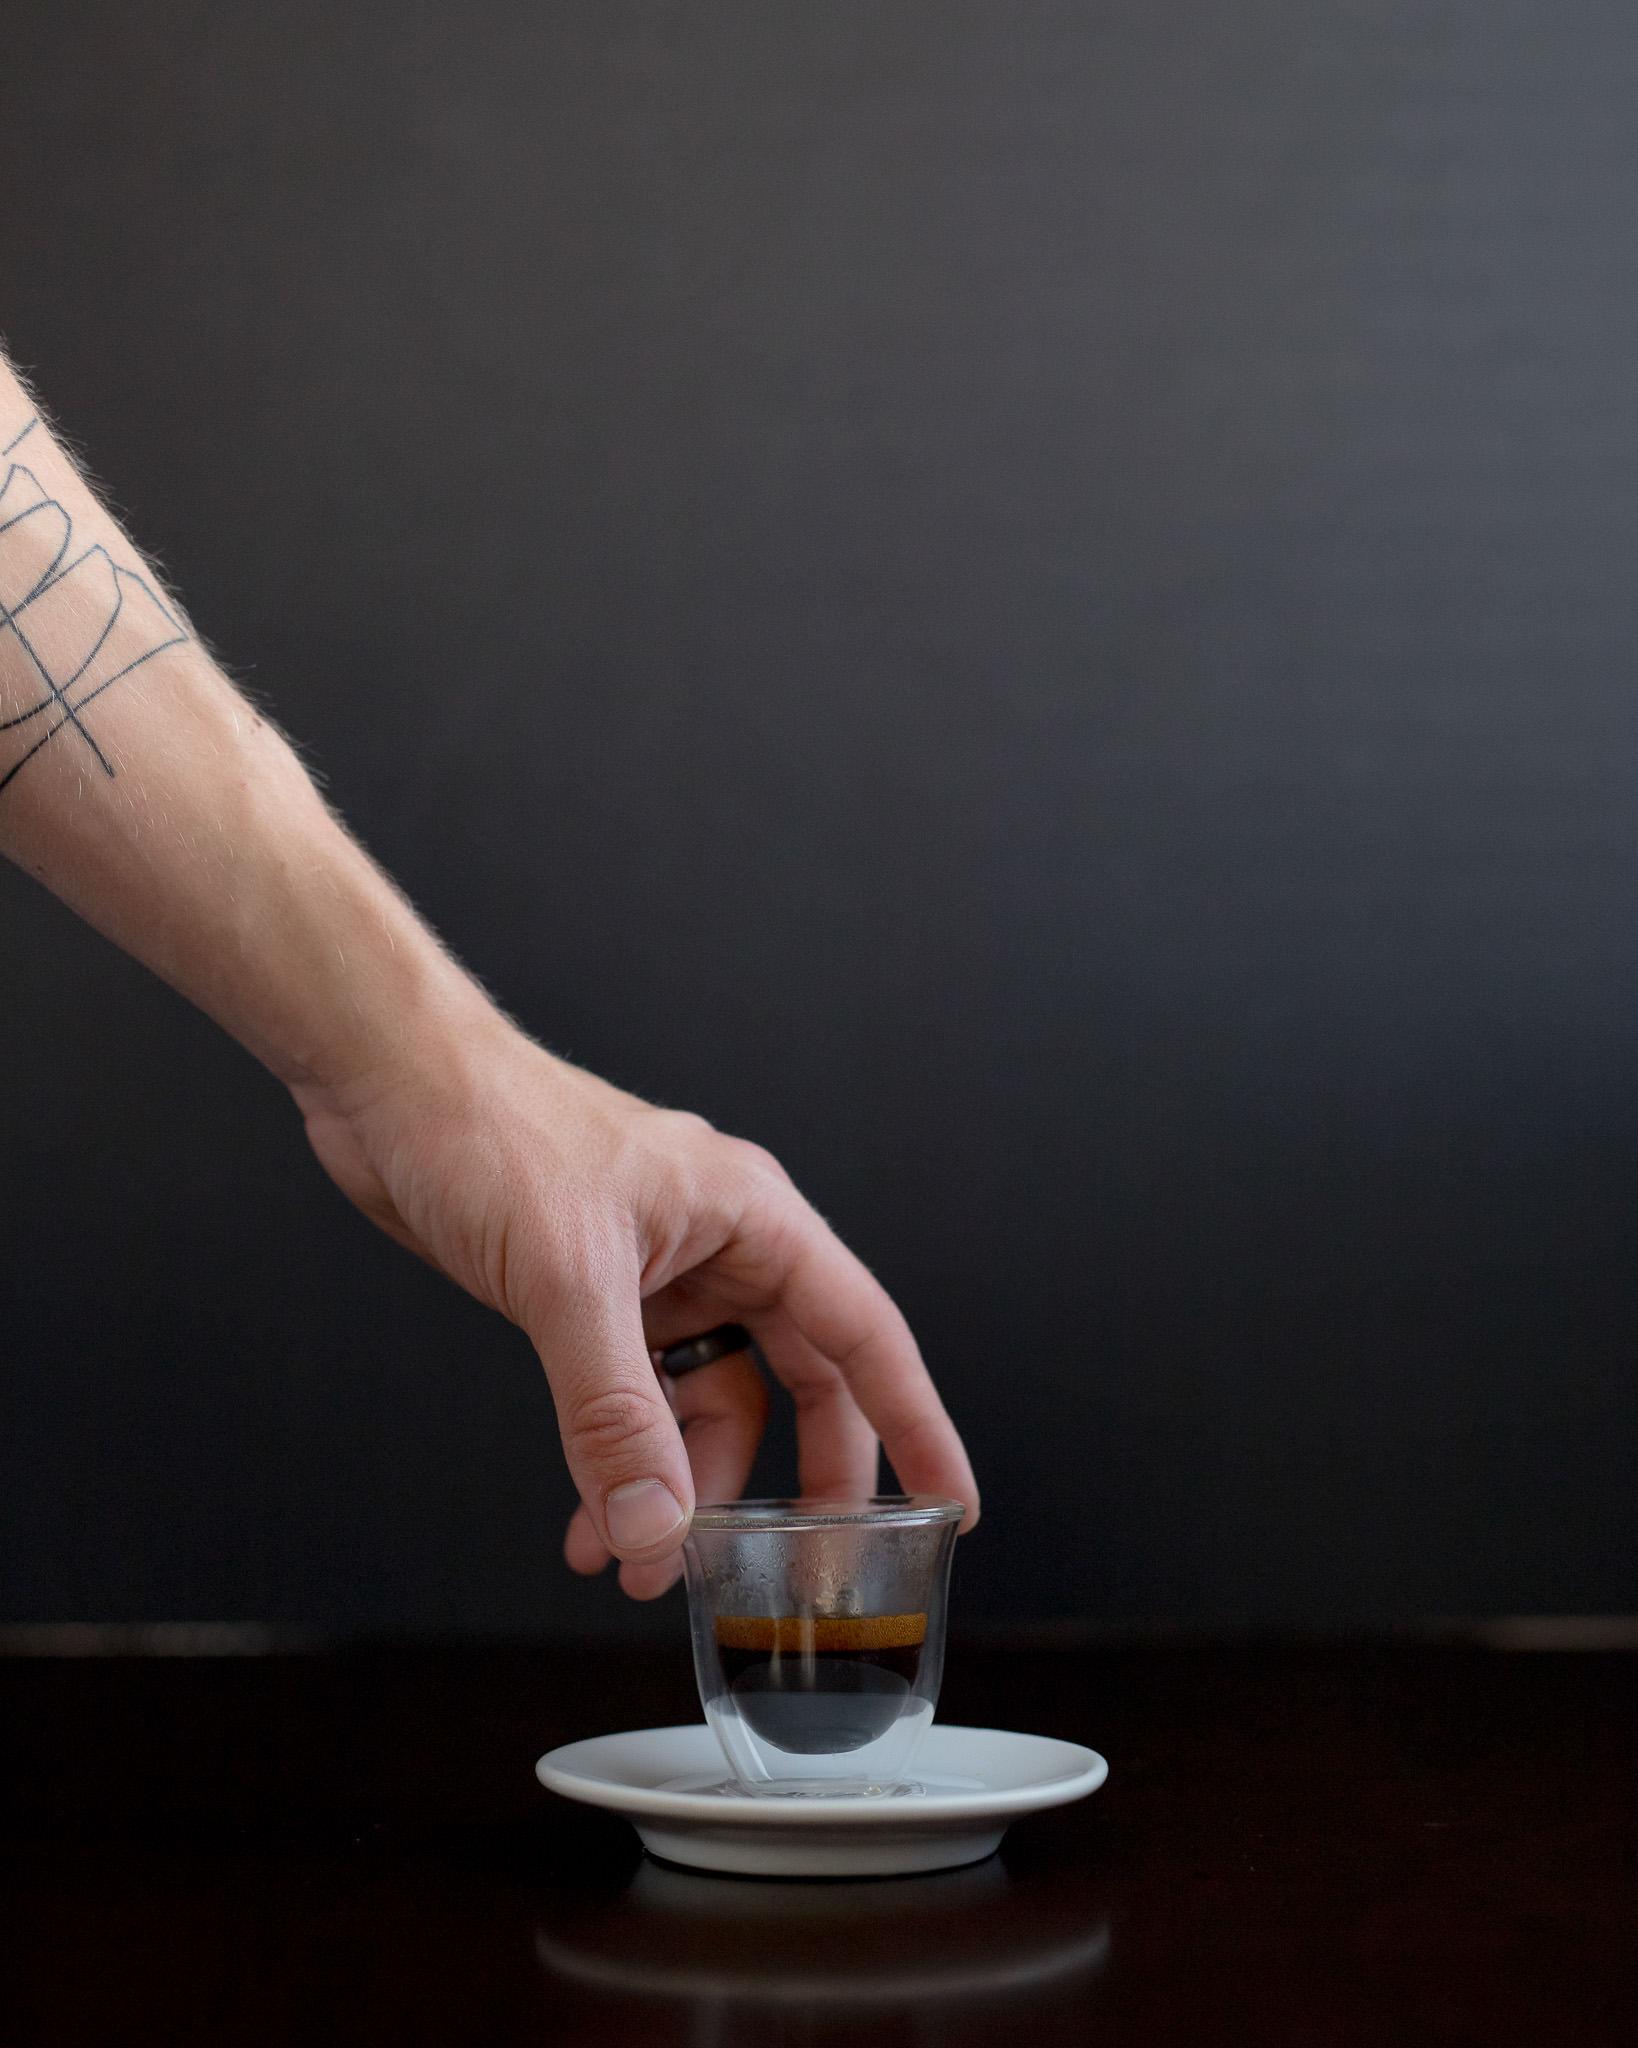 Enjoy your espresso